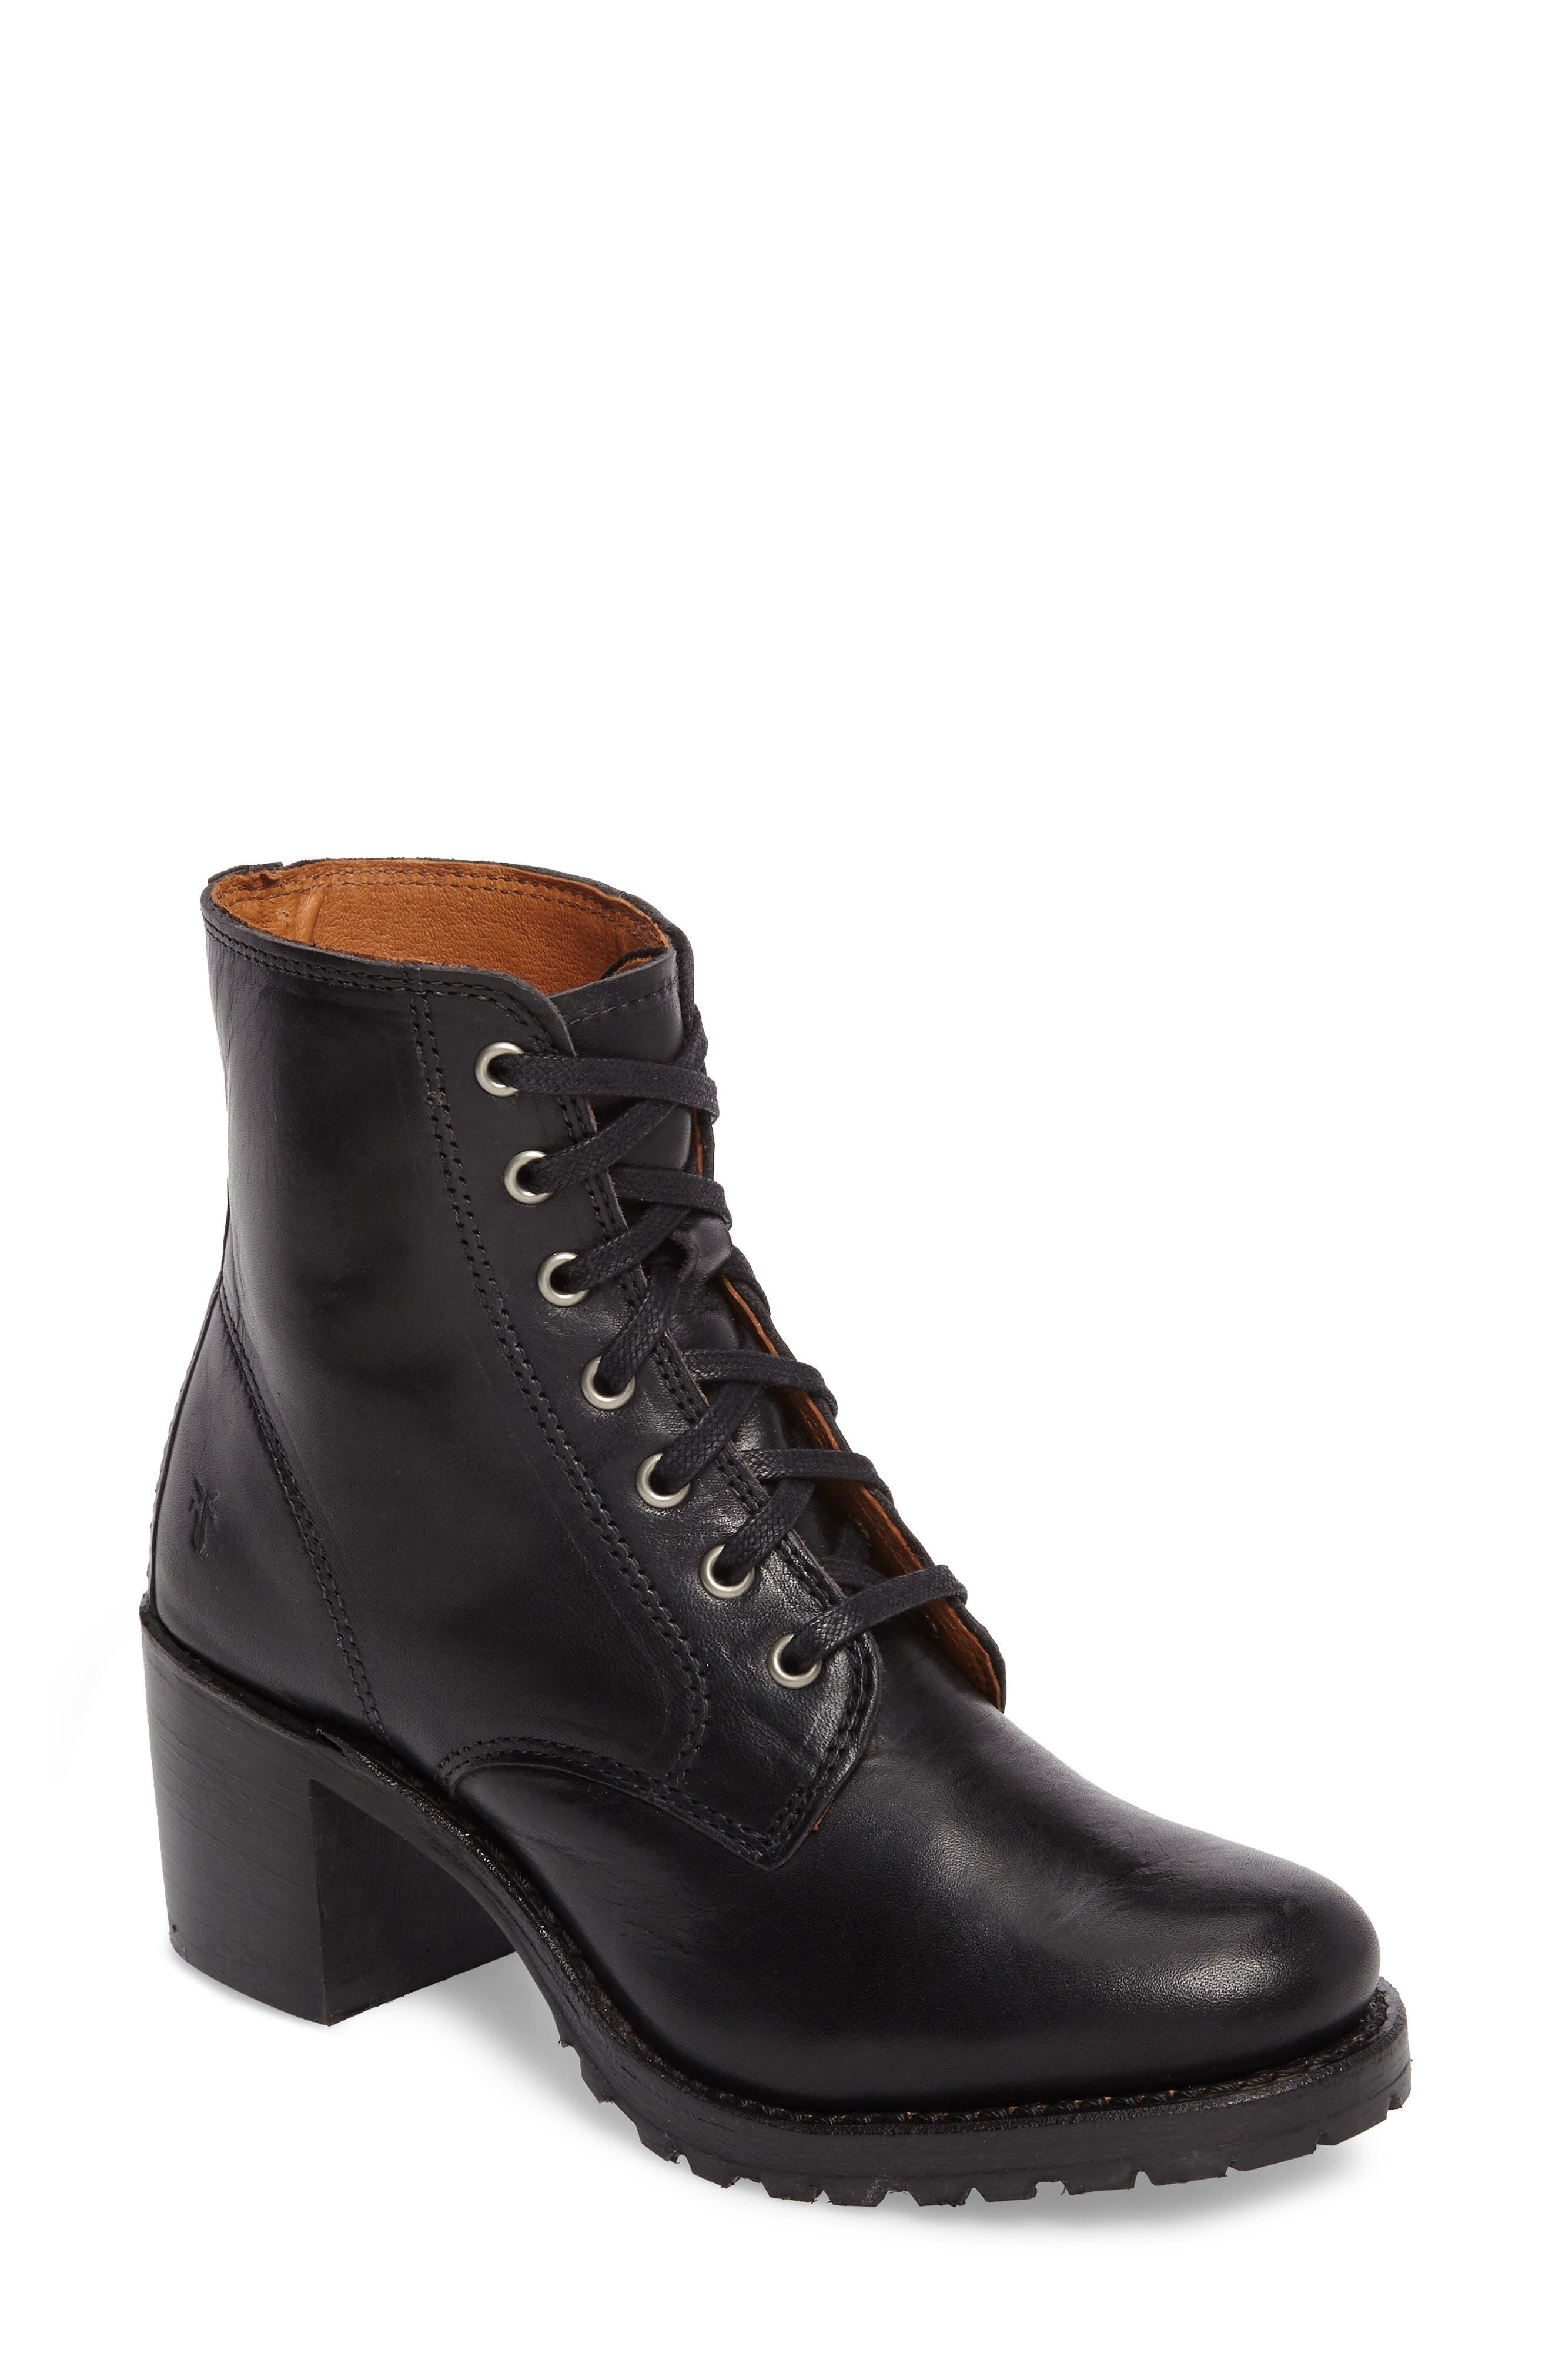 FRYE, Sabrina 6G Lace-Up Boot, Main thumbnail 1, color, BLACK